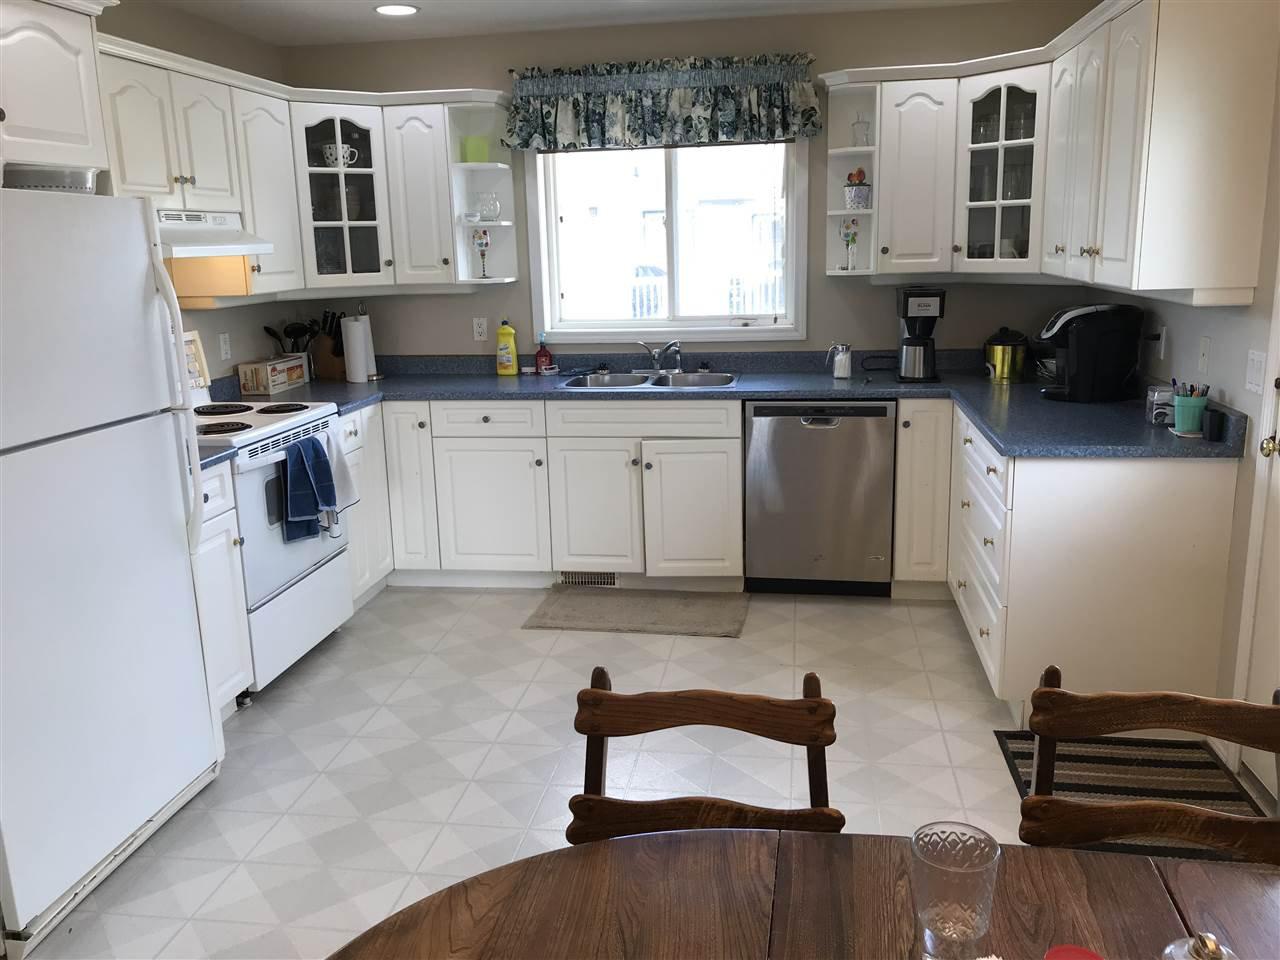 Photo 2: Photos: 10520 89 Street in Fort St. John: Fort St. John - City NE House for sale (Fort St. John (Zone 60))  : MLS®# R2362521